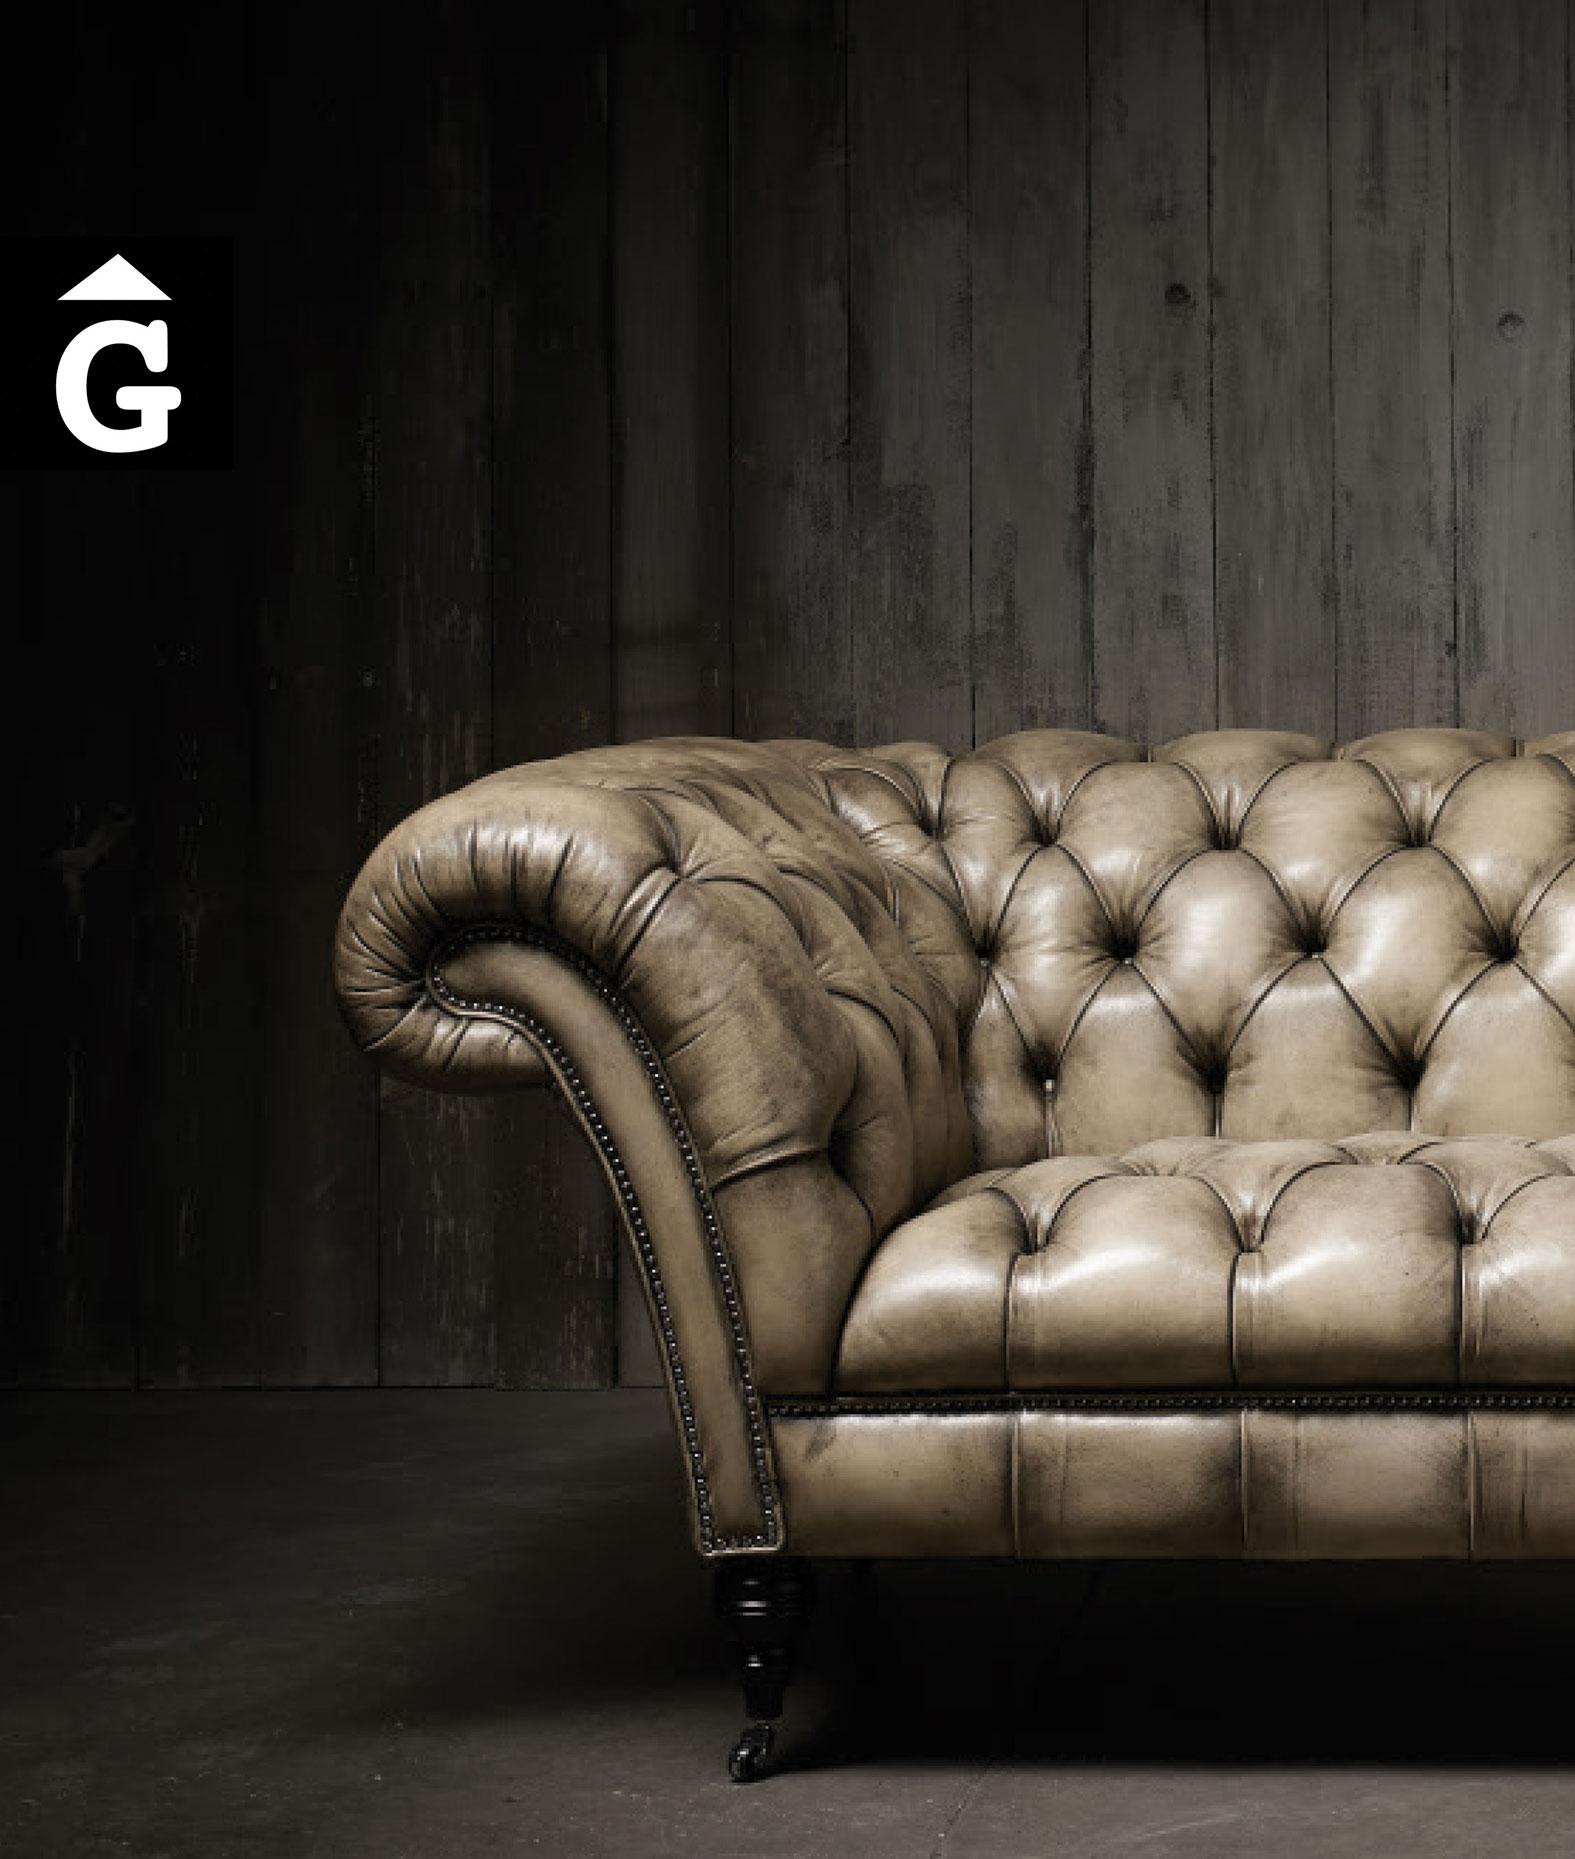 Fleming-&-Howland-tapisseria-&-mobles-Gifreu-colecció-Book-Girona-Barcelona-Capitone-Sofà-silló-Chaiselongue-Butaca-Cadira-69-3